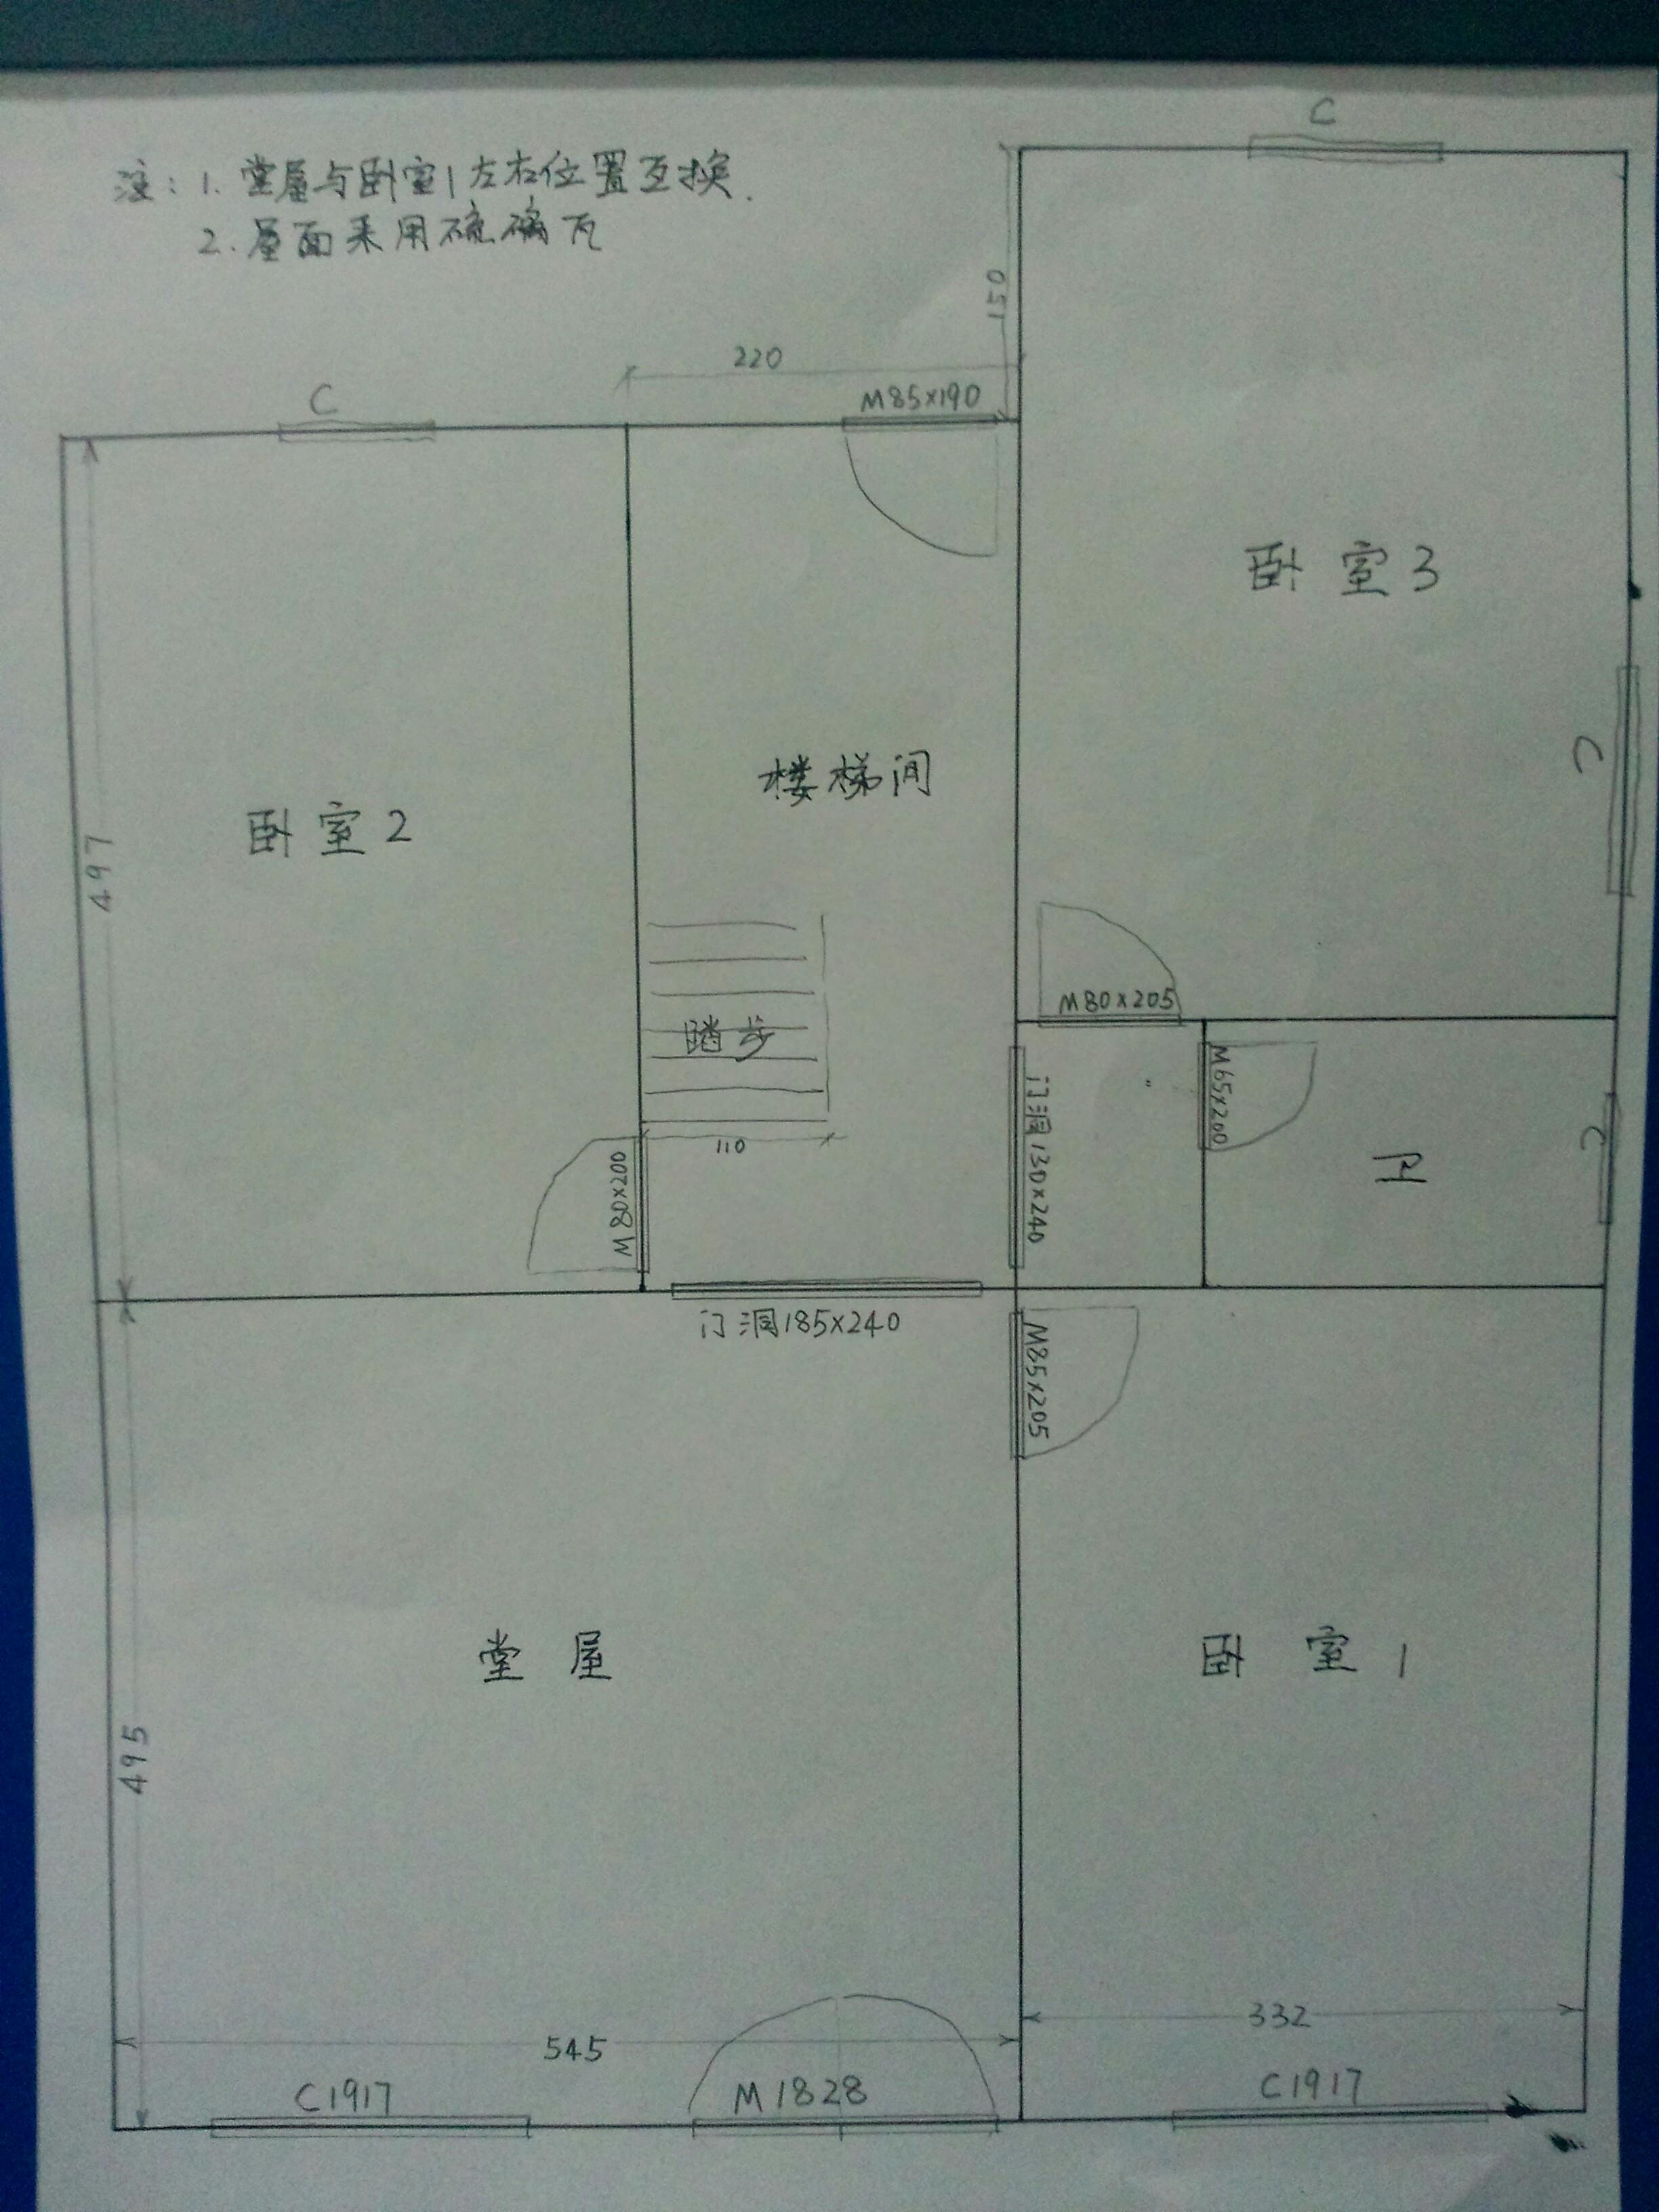 求两层联二农村自建房设计_一品威客网公寓设计任务